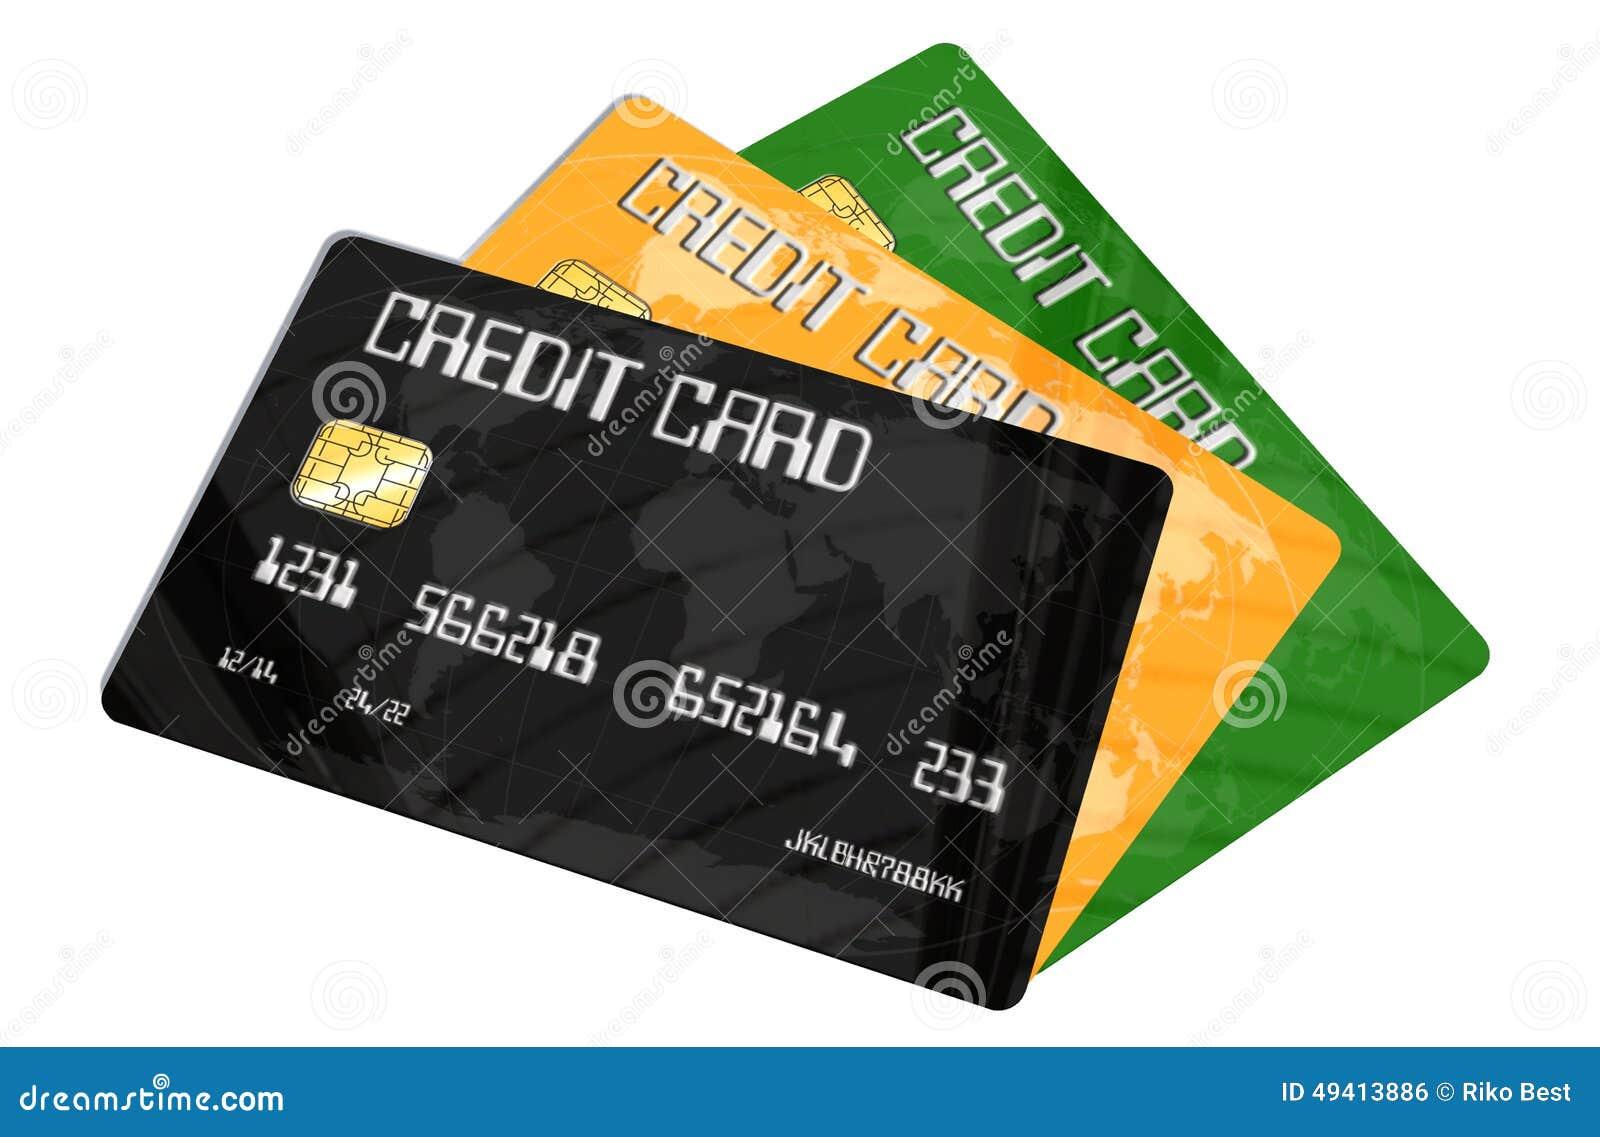 Download Kreditkarten Auf Weißem Hintergrund Stock Abbildung - Illustration von betrug, sicher: 49413886